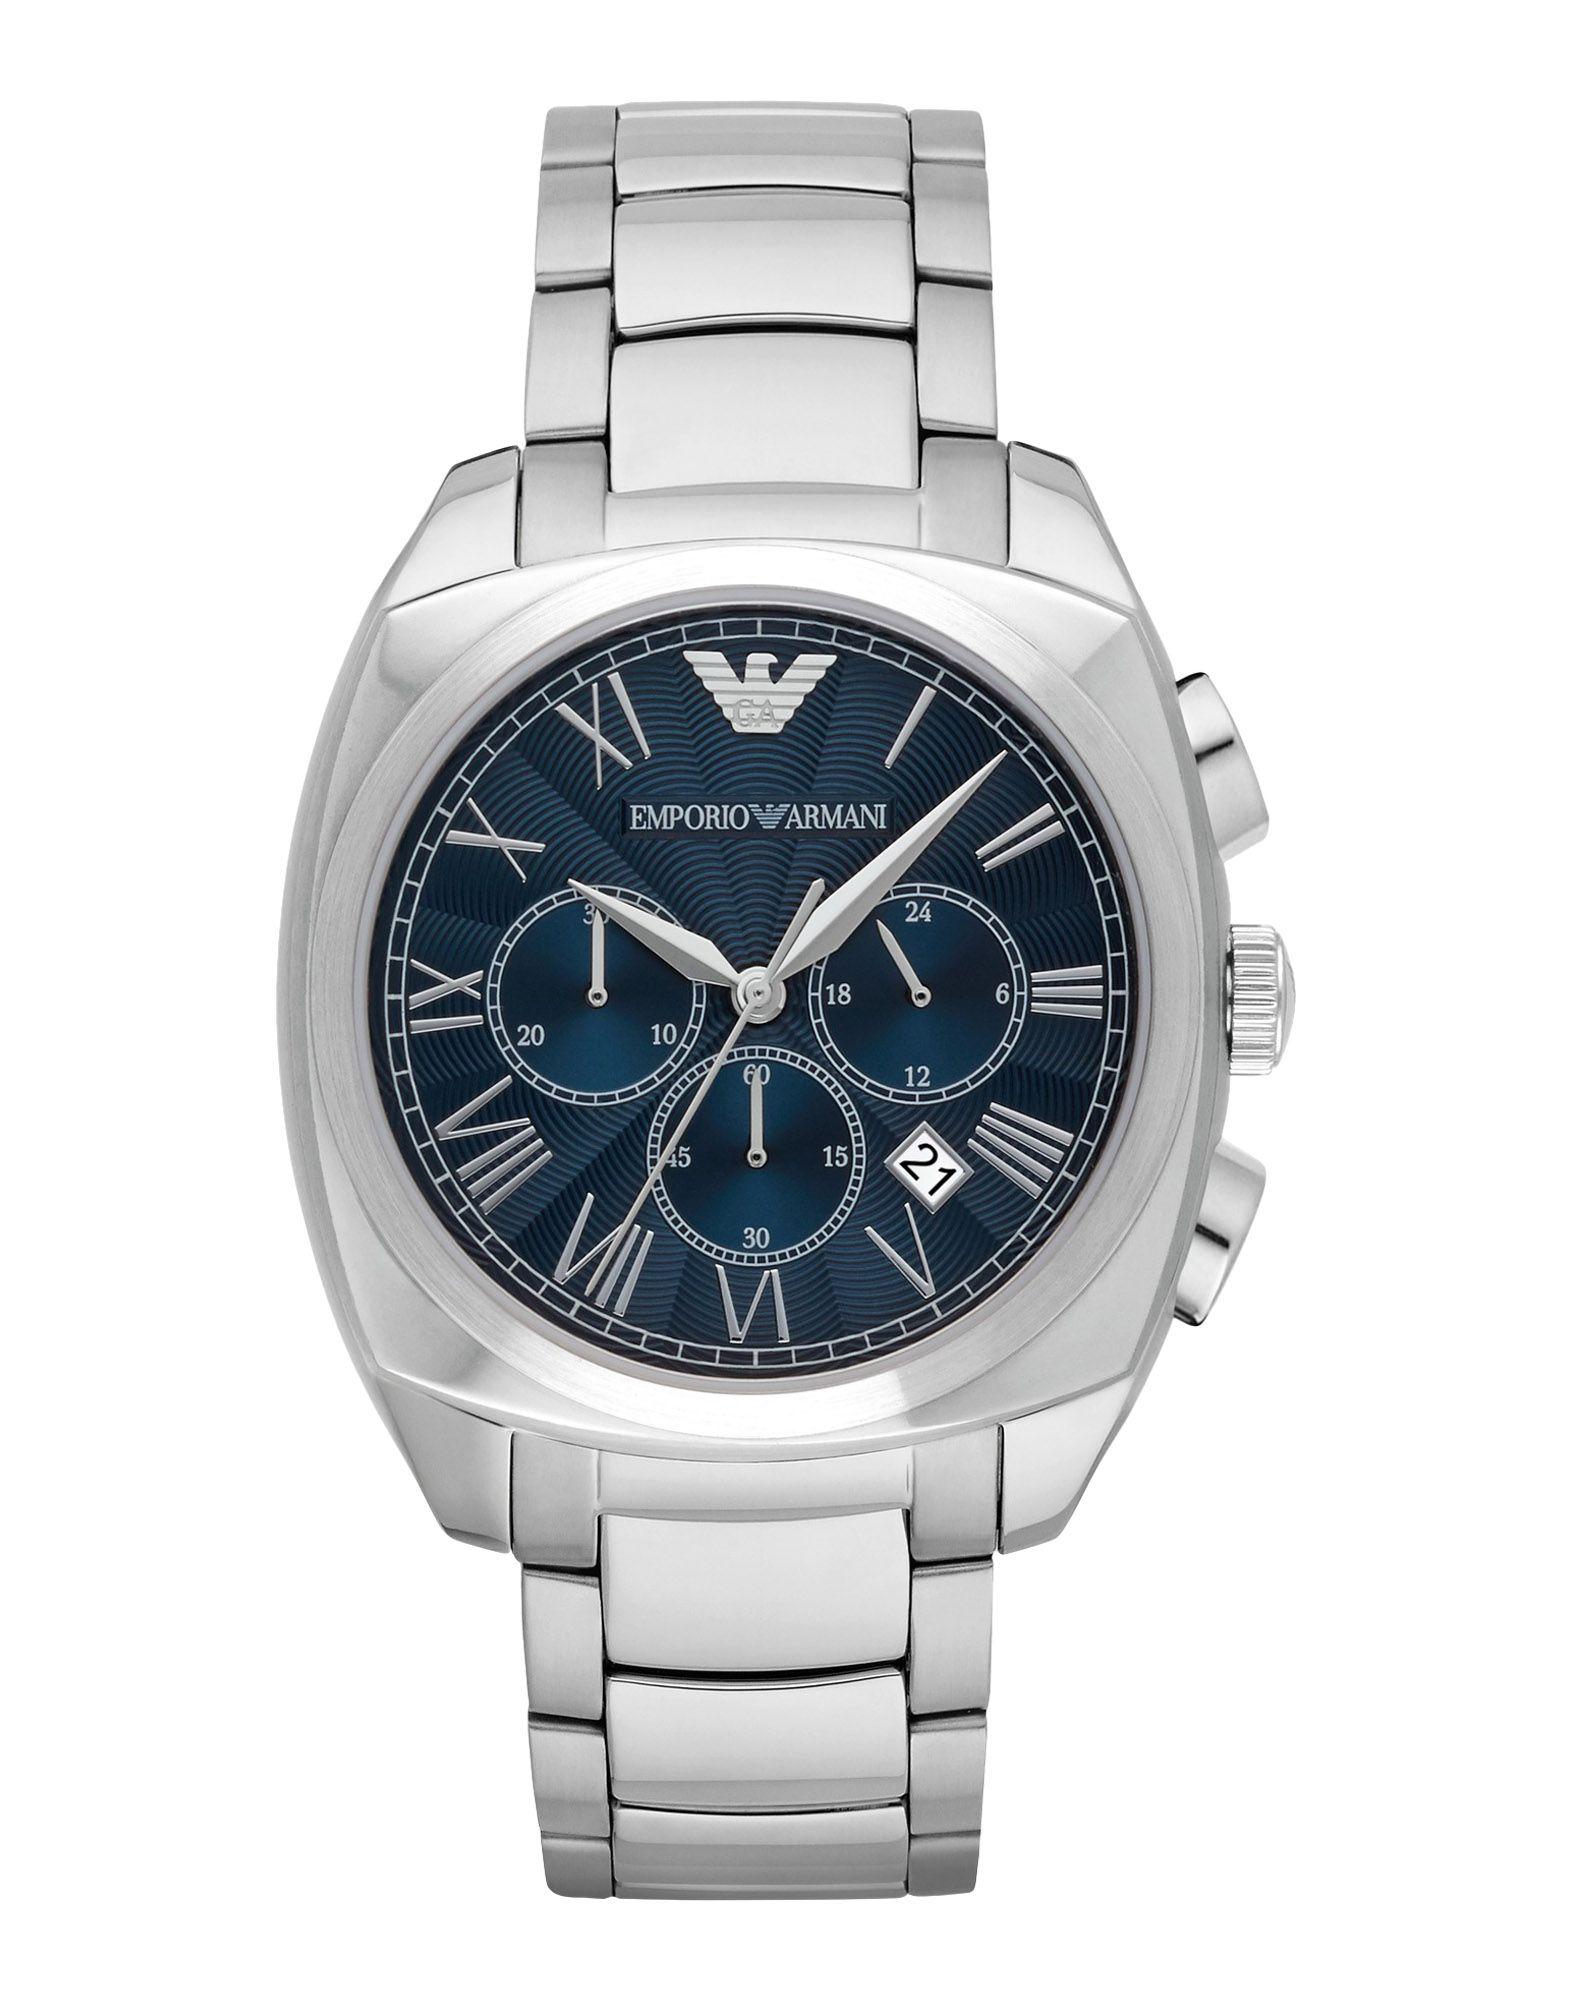 EMPORIO ARMANI Herren Armbanduhr Farbe Silber Größe 1 - broschei